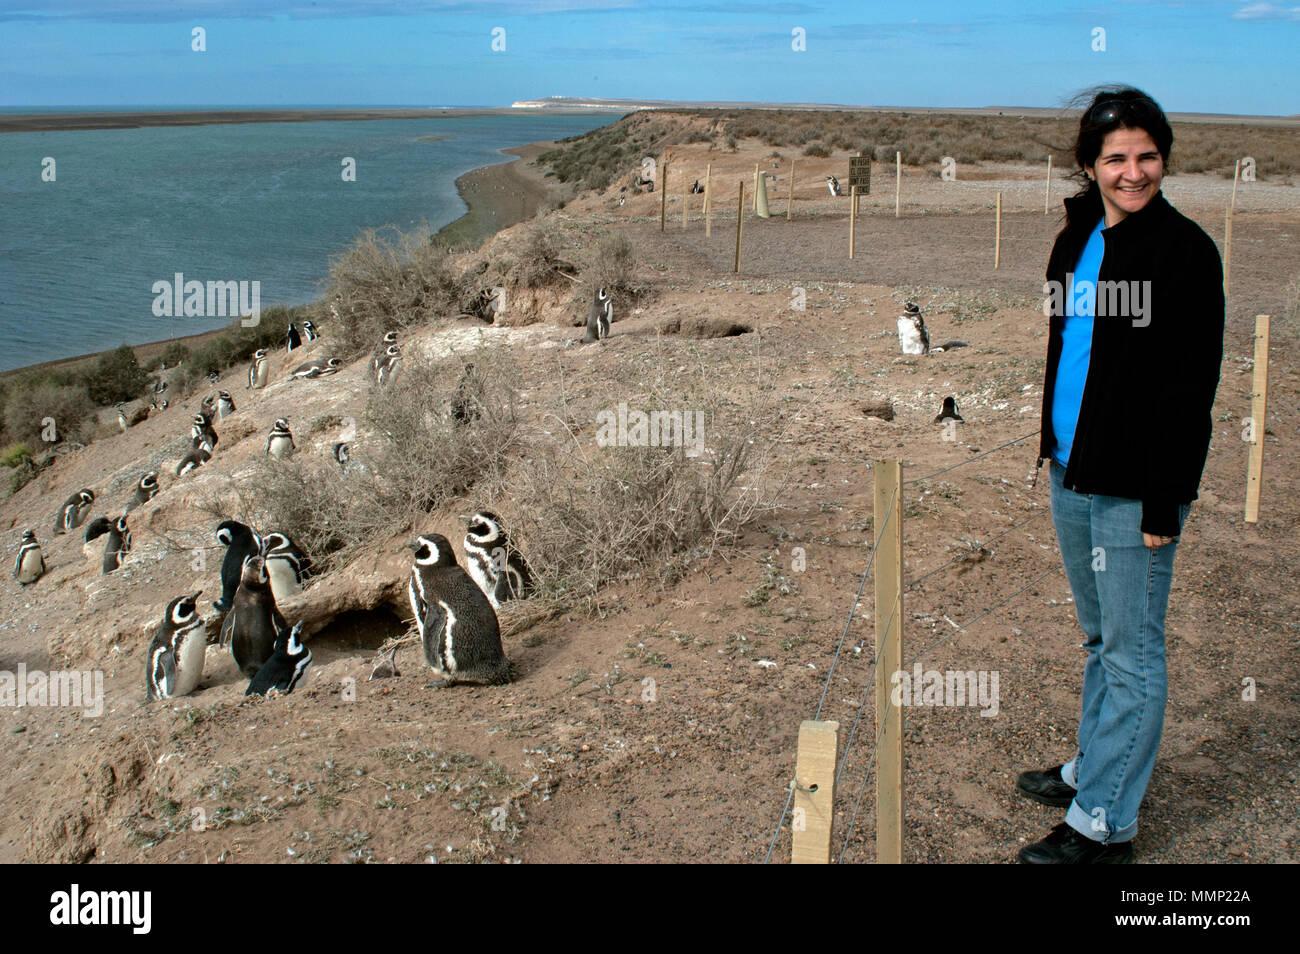 Woman observes Magellanic penguins, Spheniscus magellanicus, at the Caleta Valdes, Peninsula Valdes, Chubut, Patagonia, Argentina Stock Photo